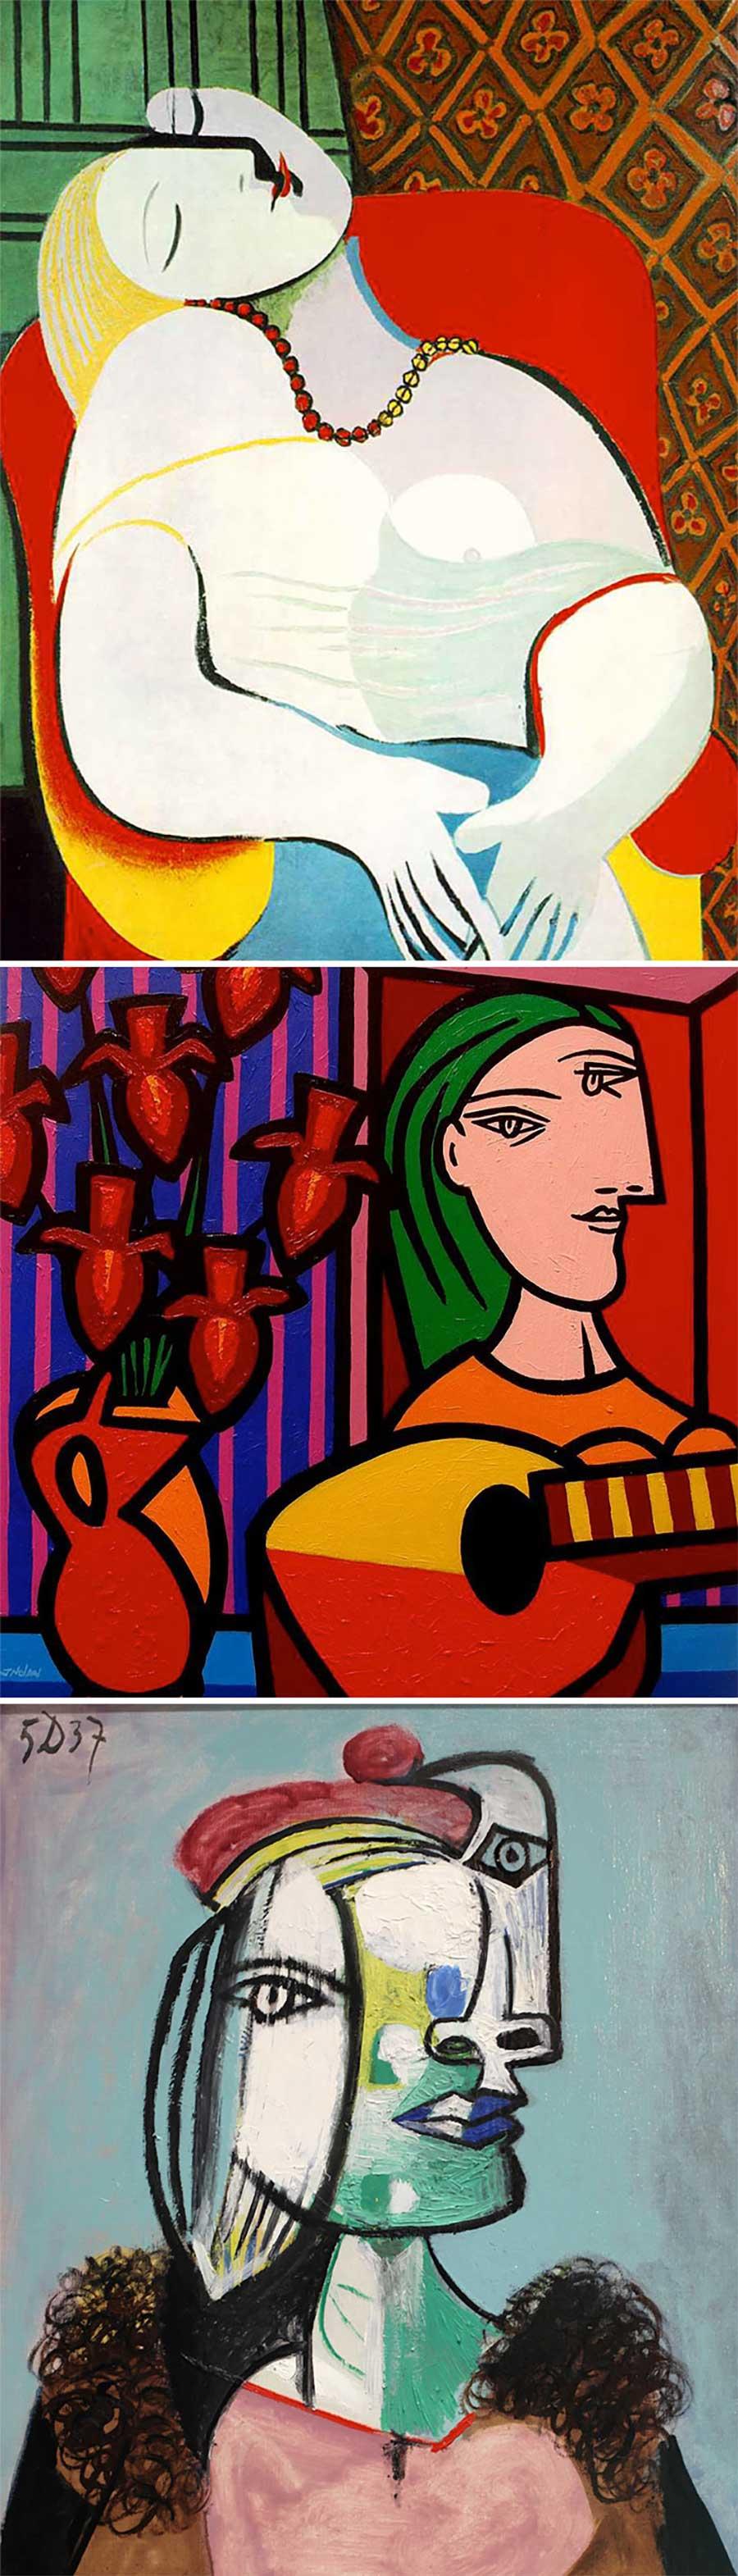 Ulkige Merkmale, woran man erkennen kann, welcher Künstler ein Gemälde gemalt hat gemaelde-malern-zuordnen-fun_05